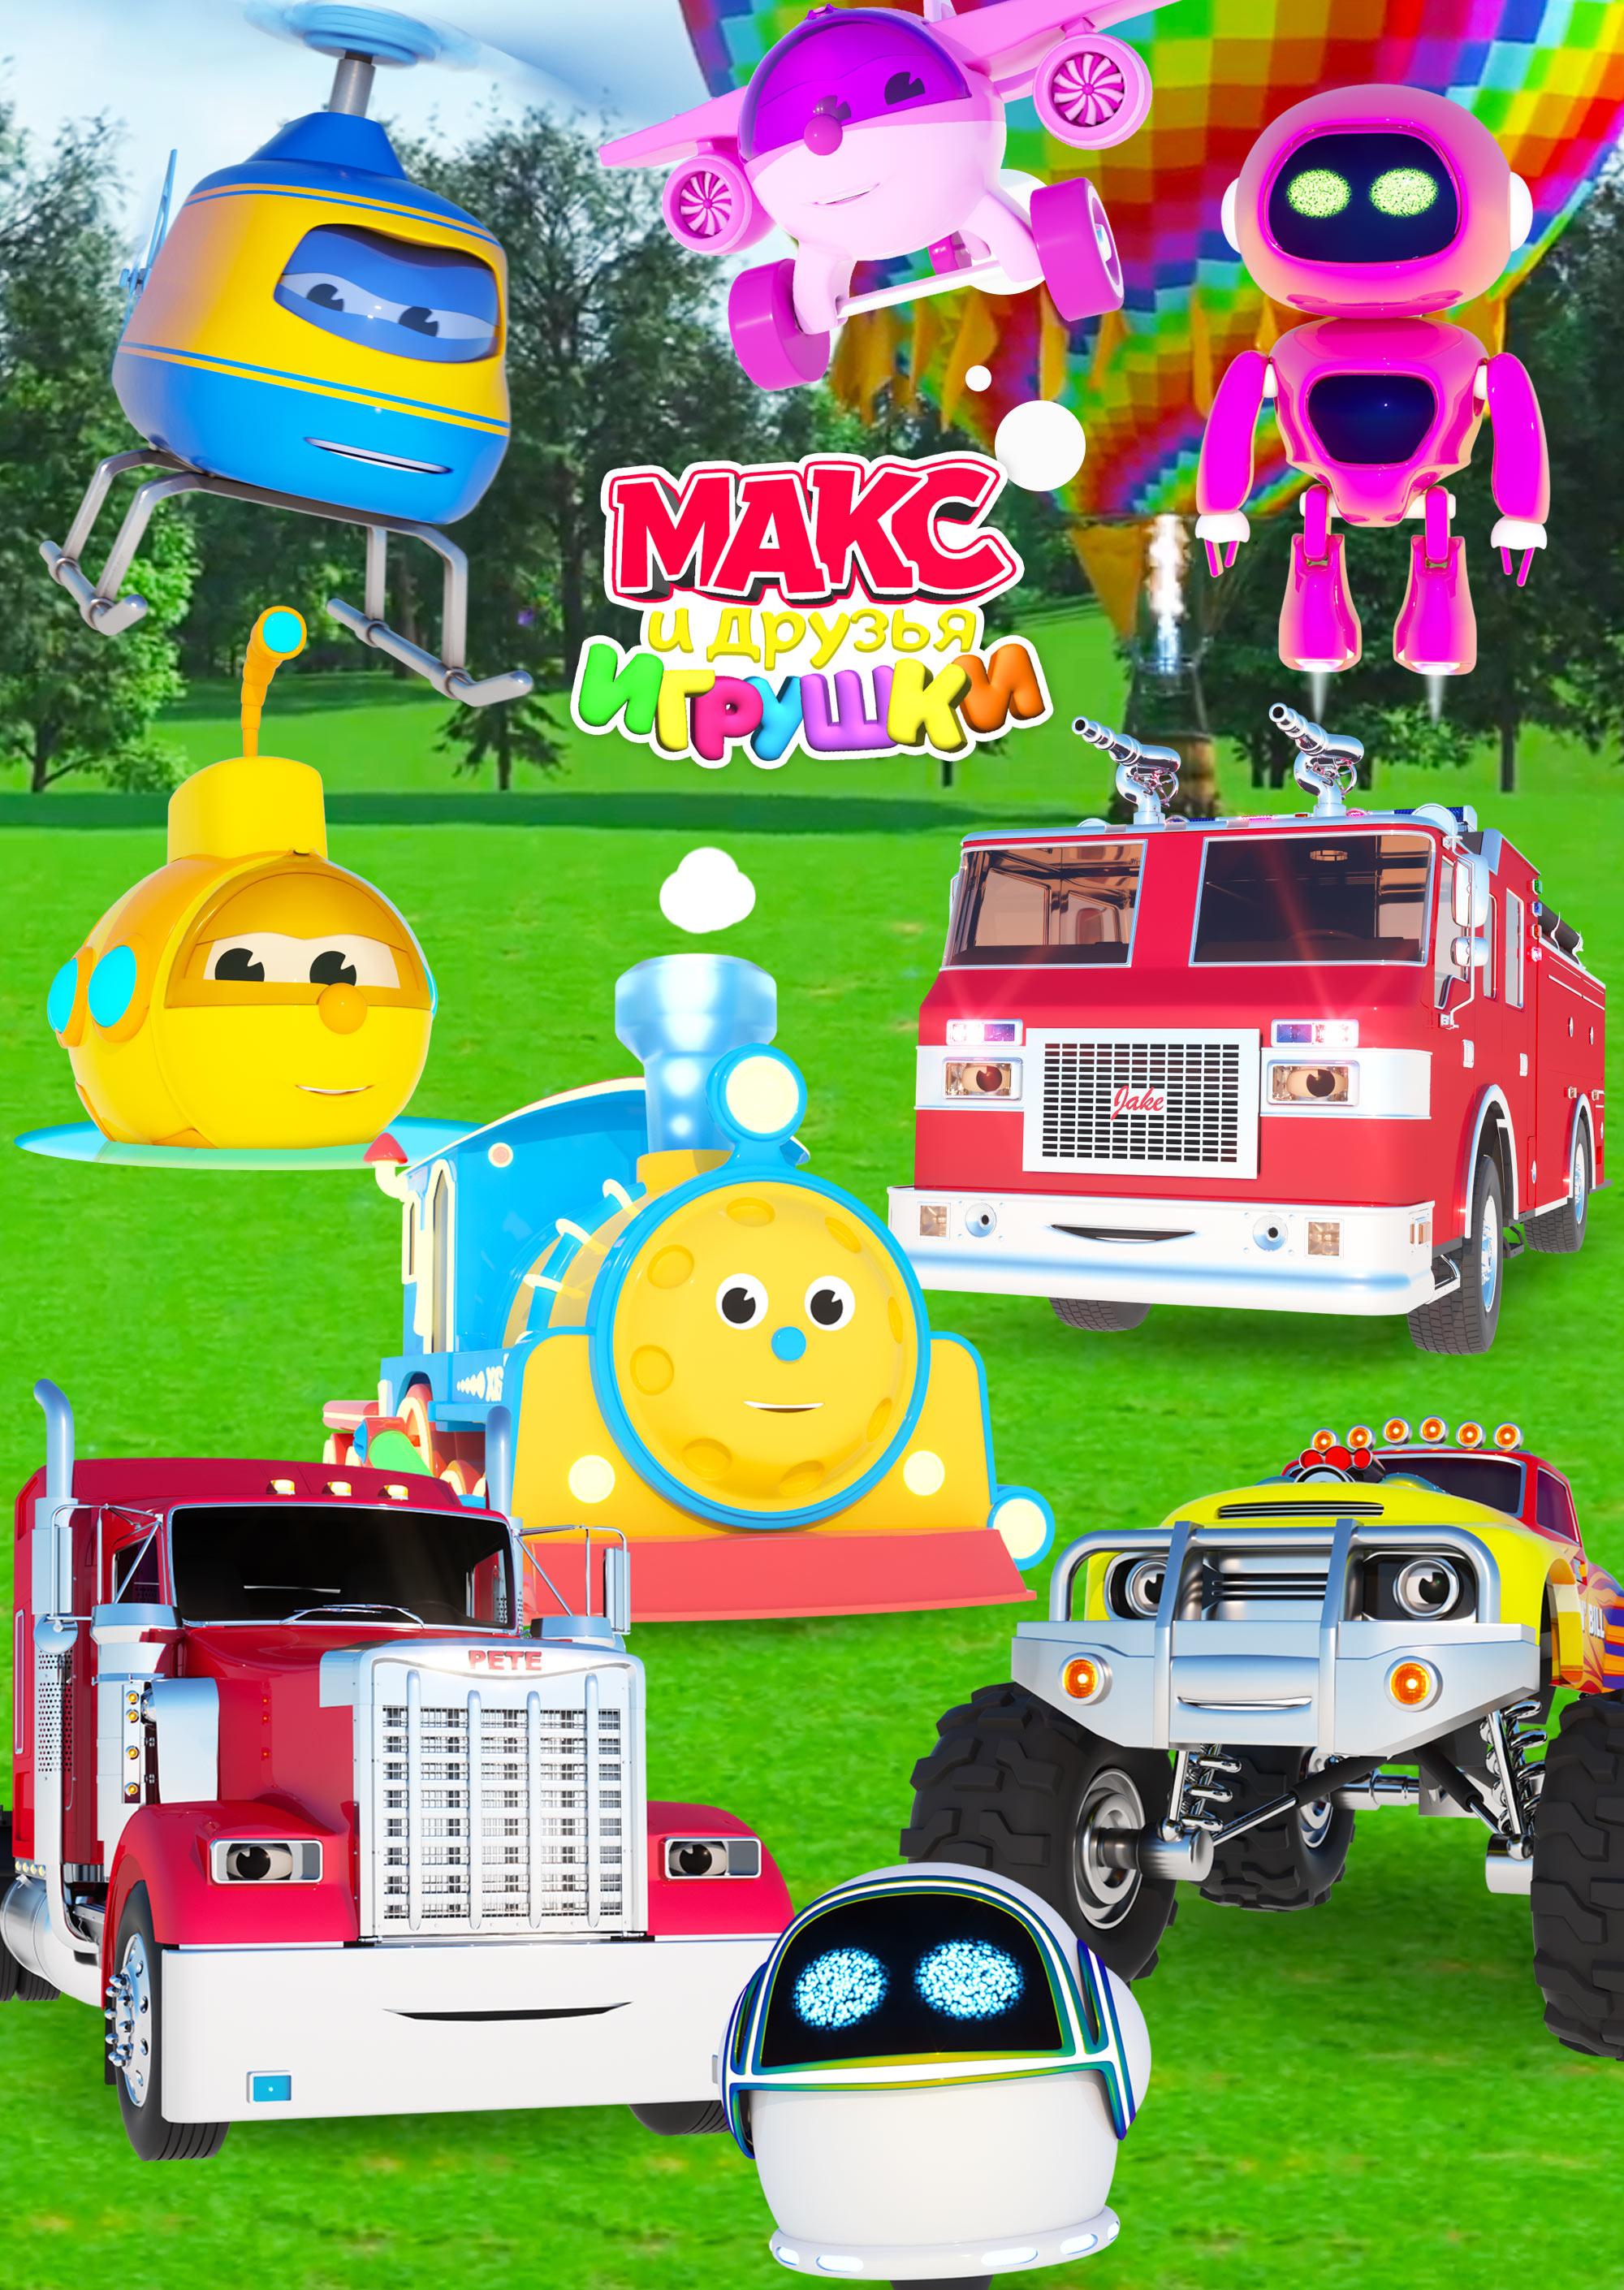 Макс и друзья игрушки